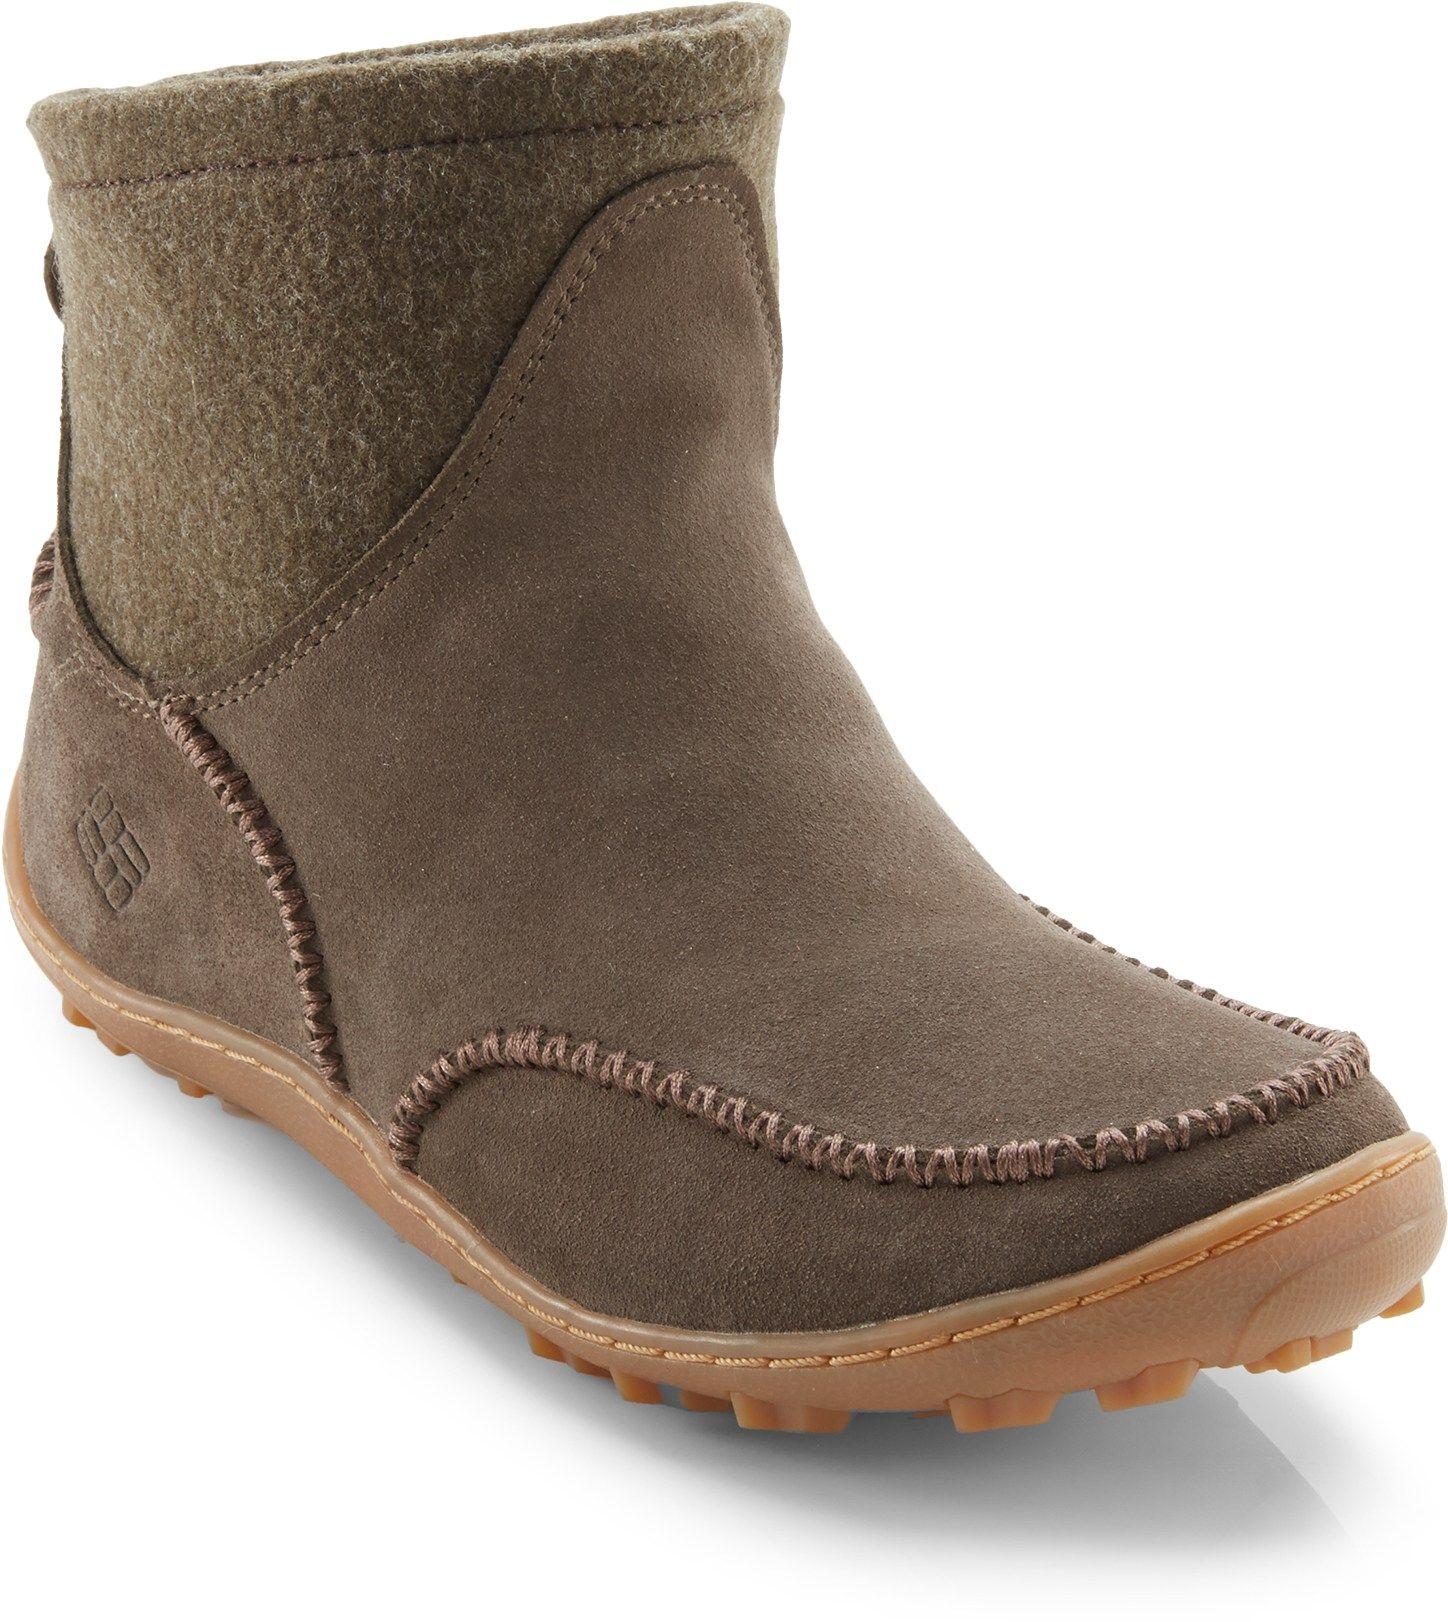 Columbia Minx Waterproof Shortie Boots - Women's - size 7